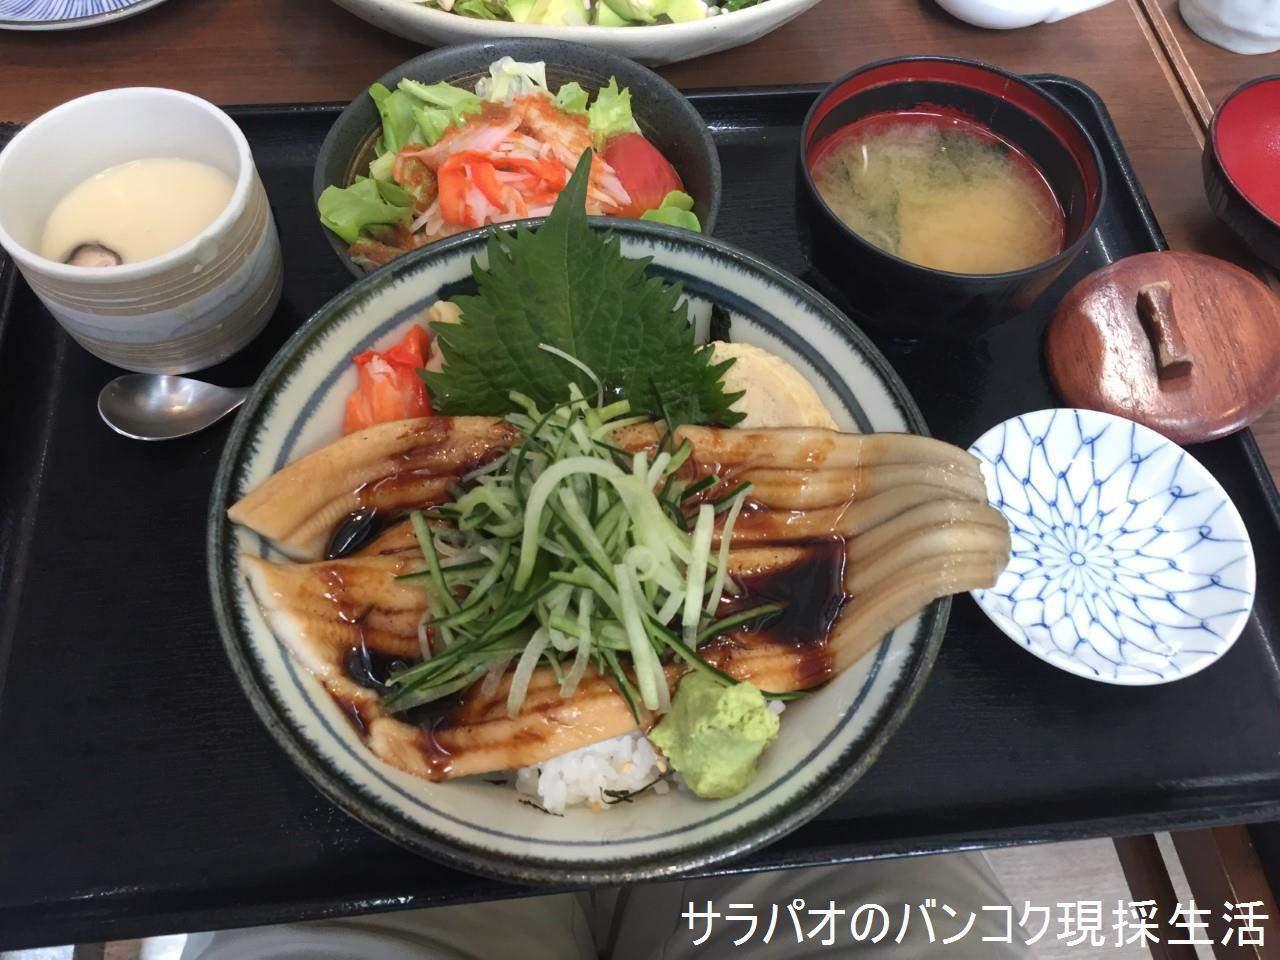 味匠のランチで本格日本料理をリーズナムブルに満喫! on ワイヤレス通り